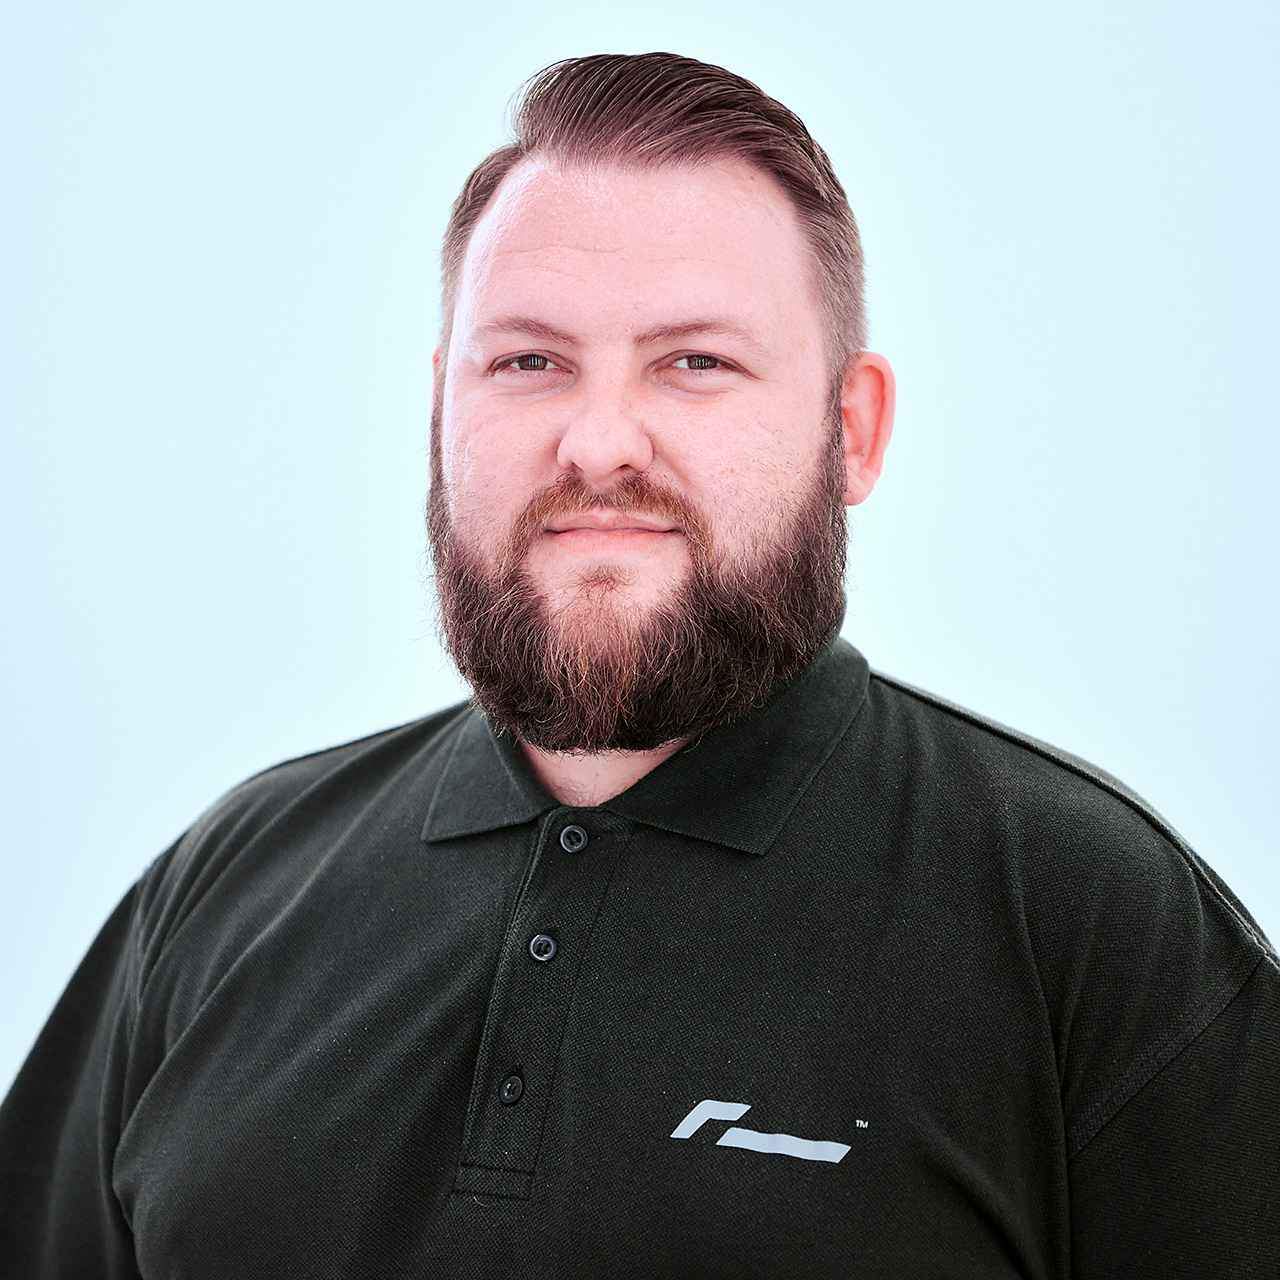 画像: Racingline PerformanceでOEM+の開発責任者を務めるBen Wardle (ベン・ウォードル)氏